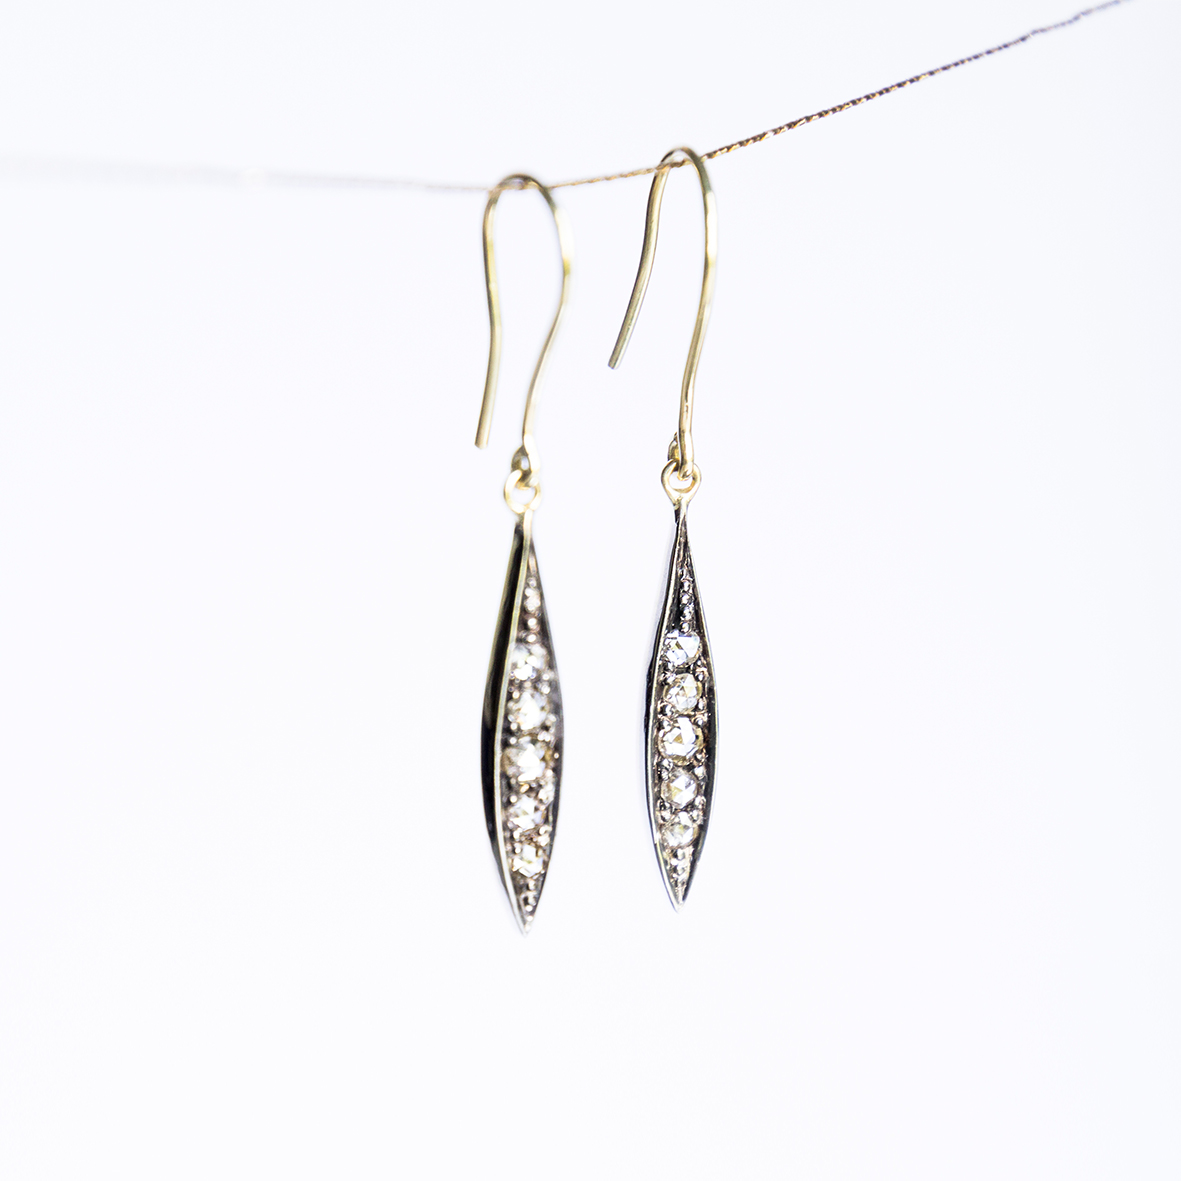 1. OONA_lotus_ficha2_leaves earrings copia